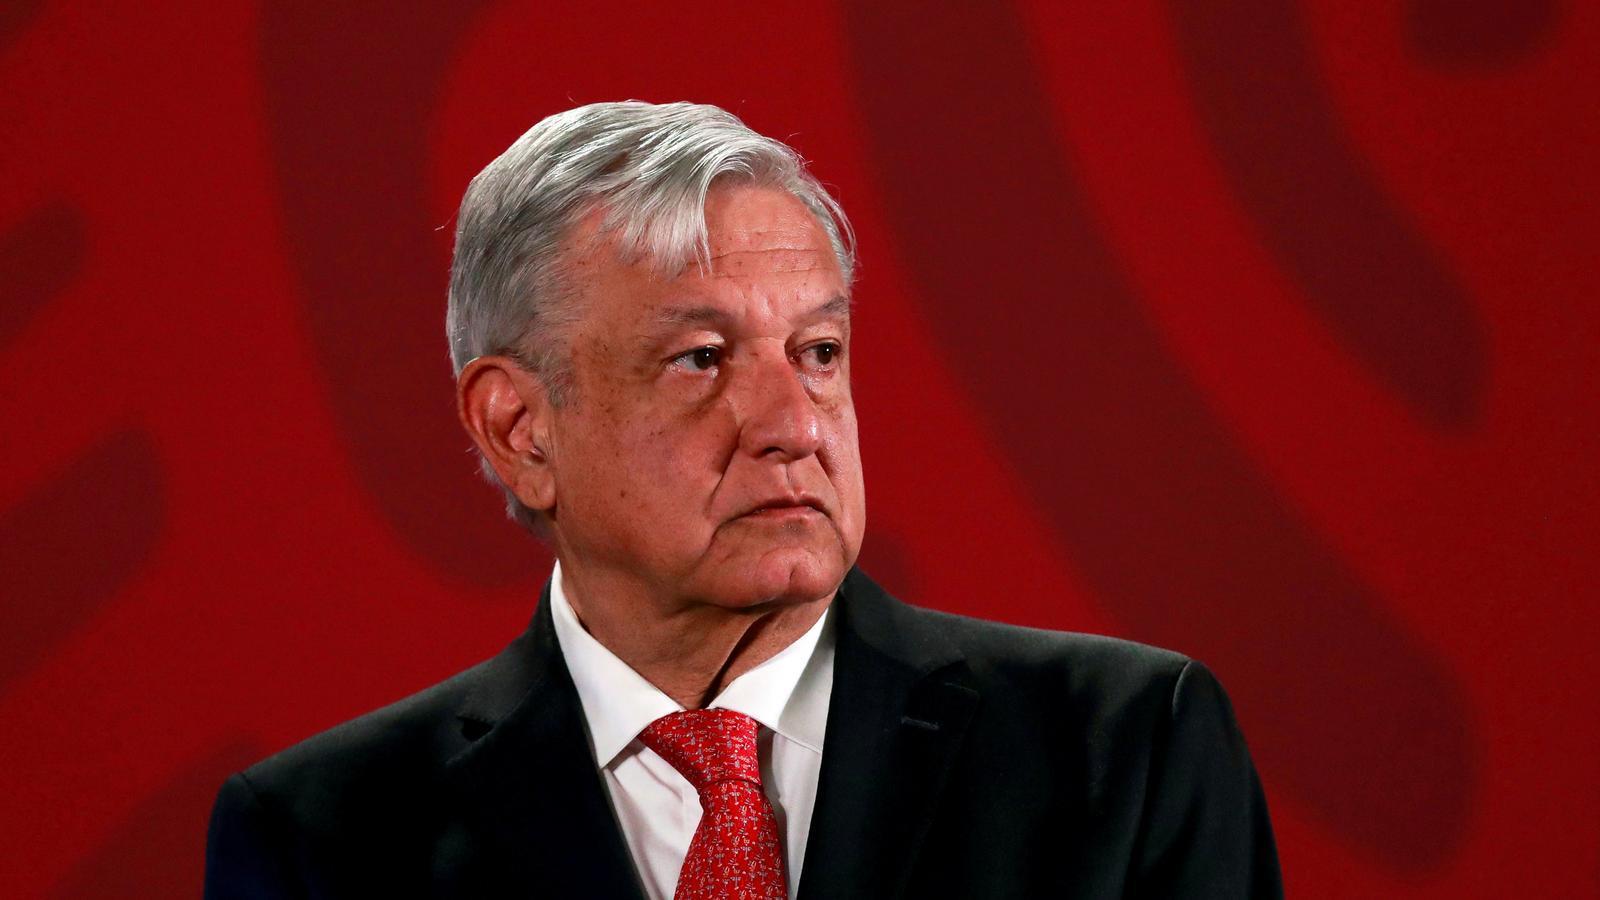 El president mexicà Andrés Manuel López Obrador